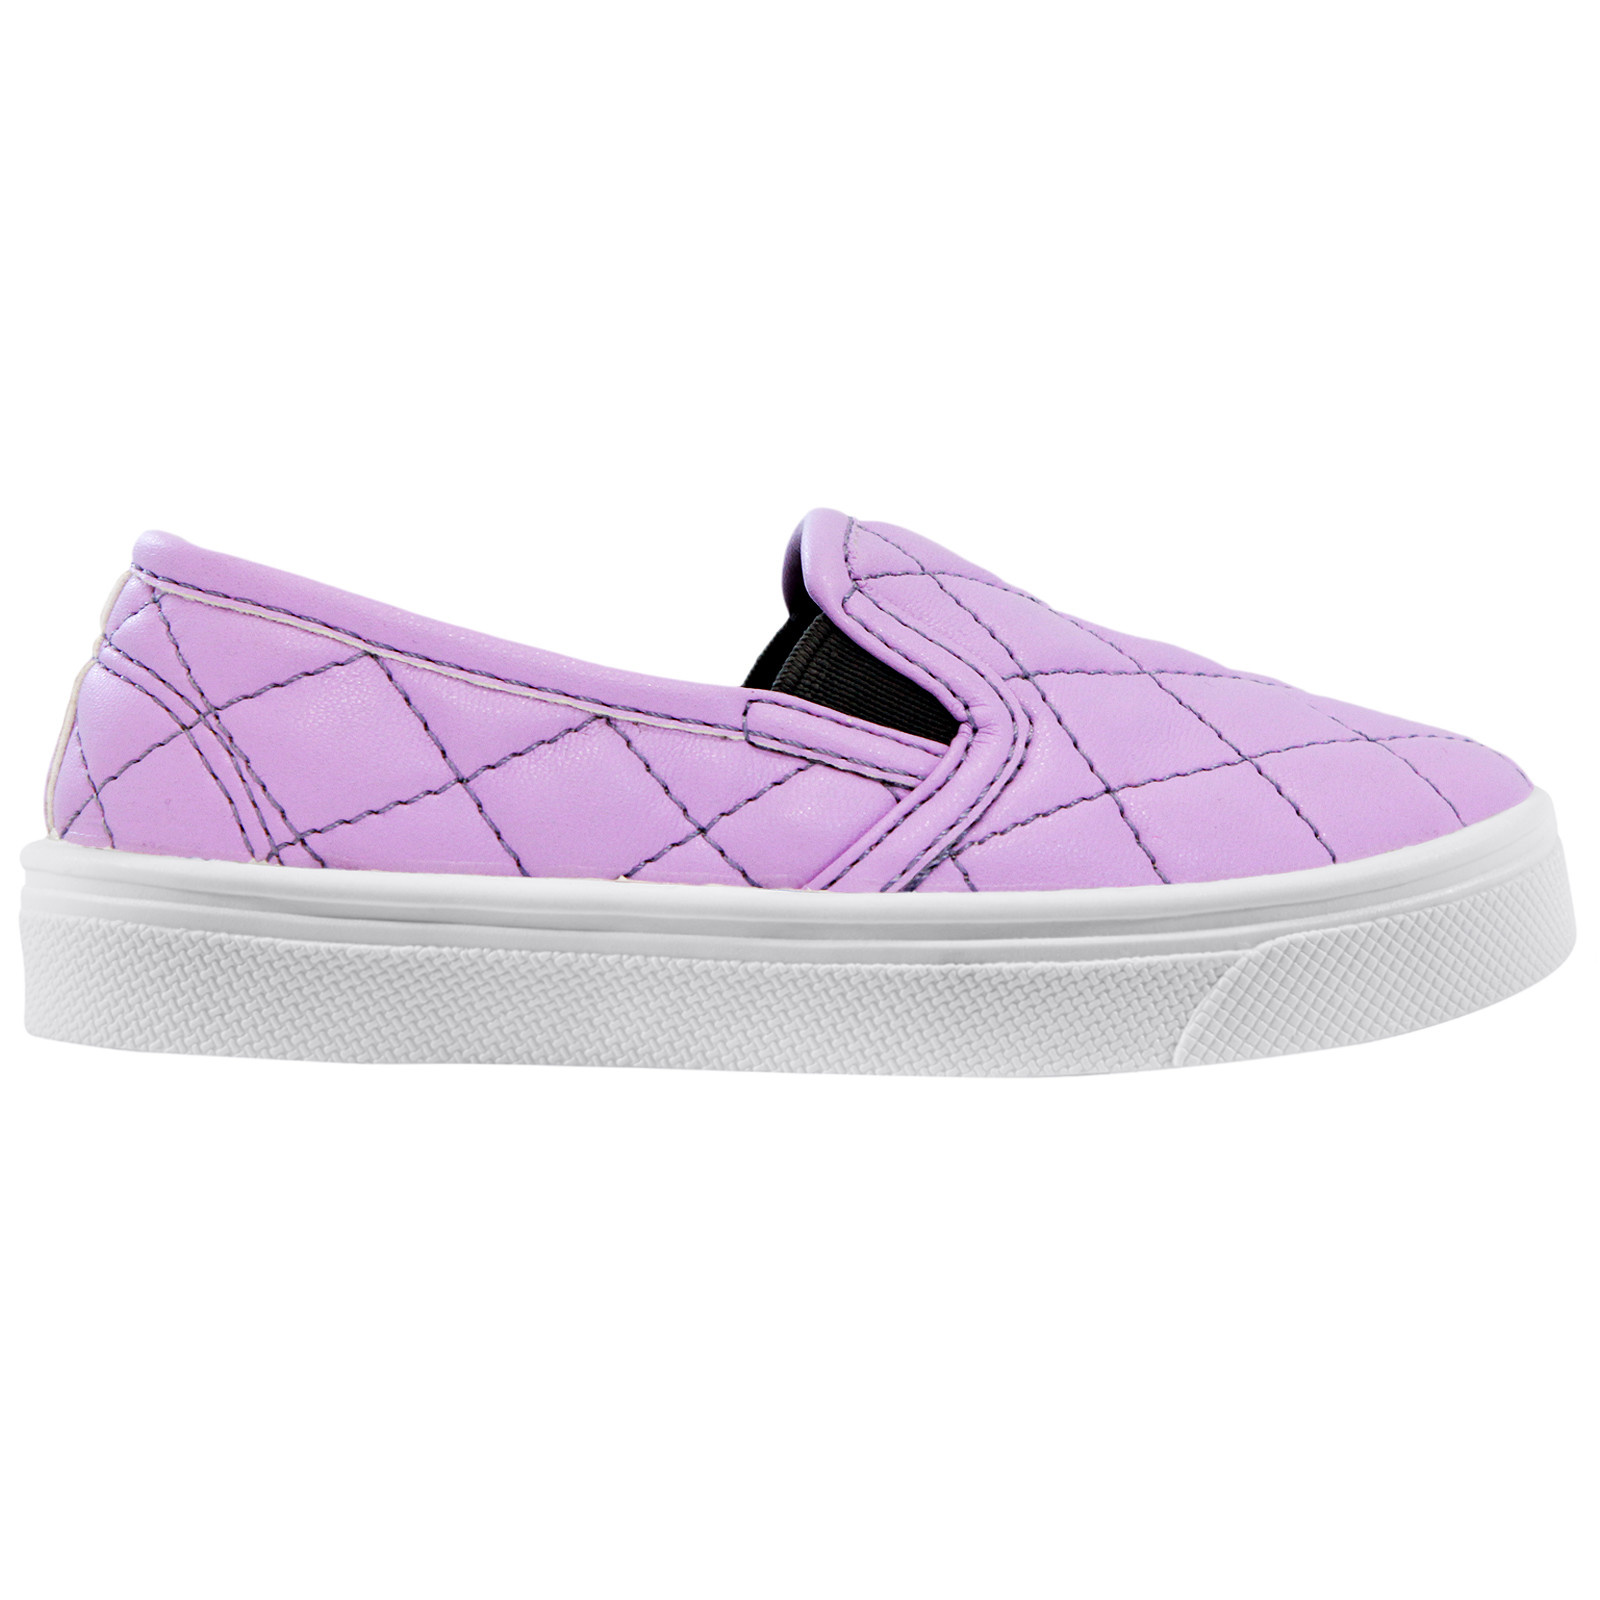 Oomphies Madison Slip-On Shoe Light Purple